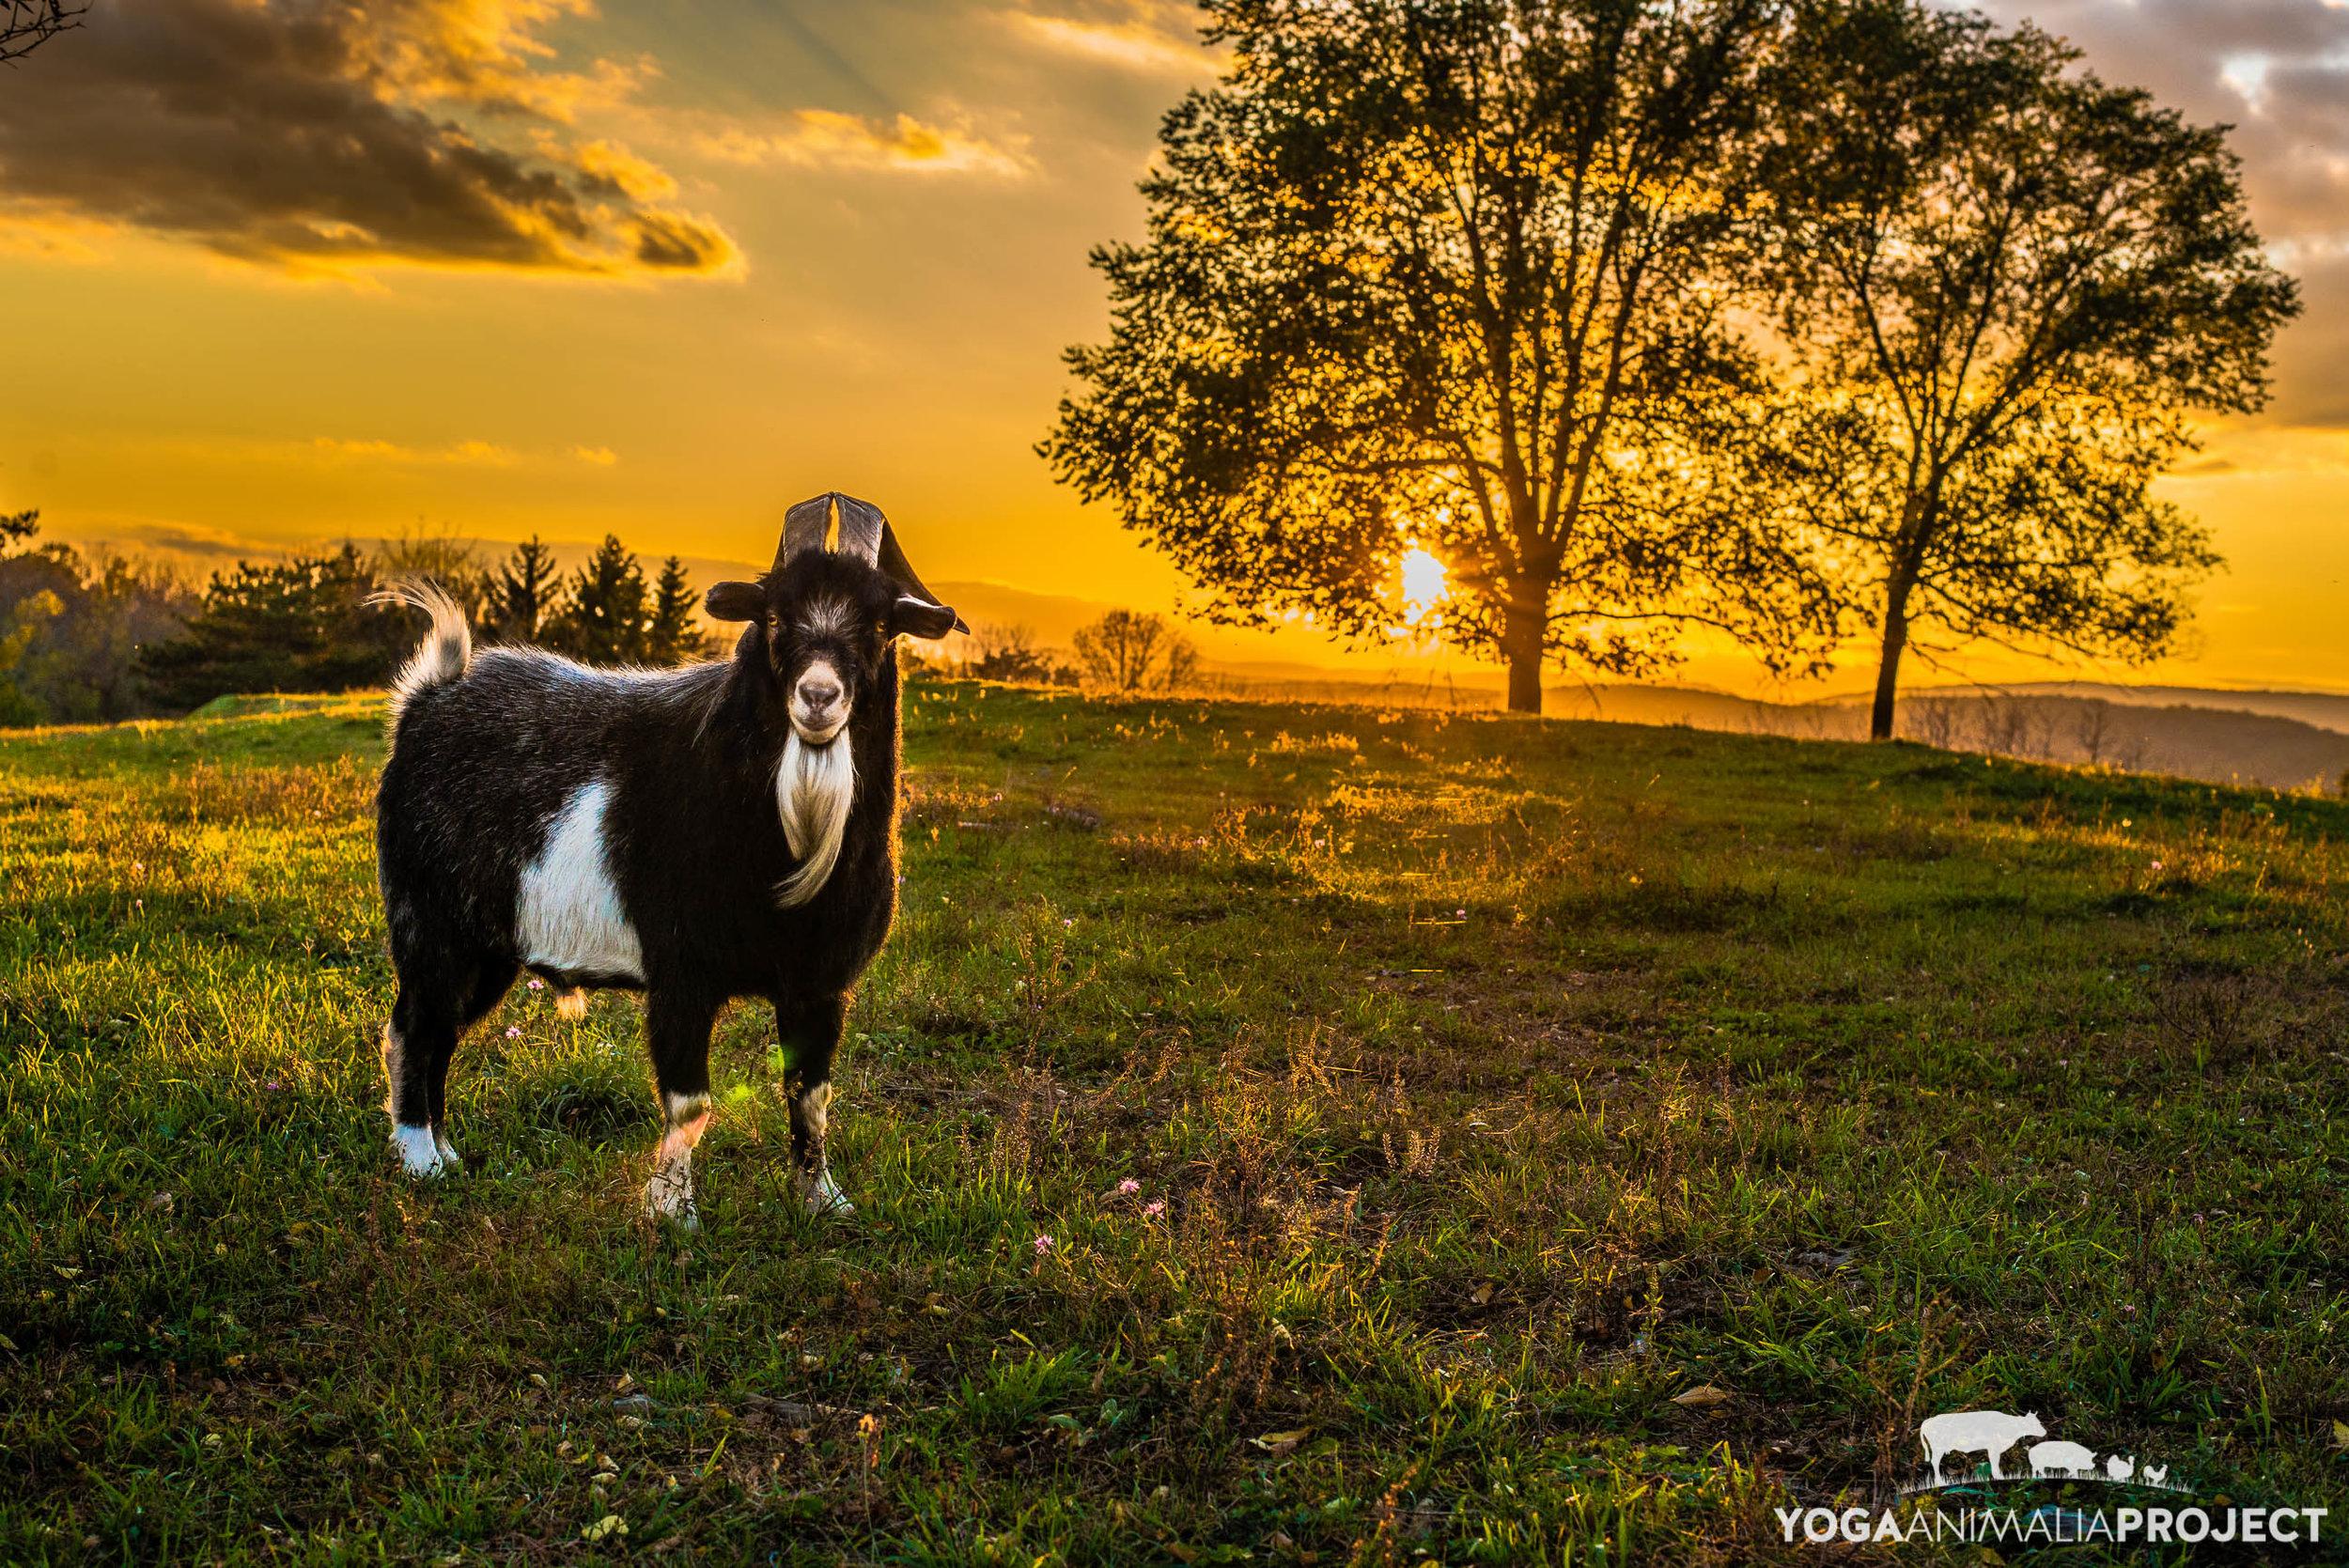 Yoga Animalia: Caprine - Jack, Skylands Animal Sanctuary & Rescue, Wantage, New Jersey